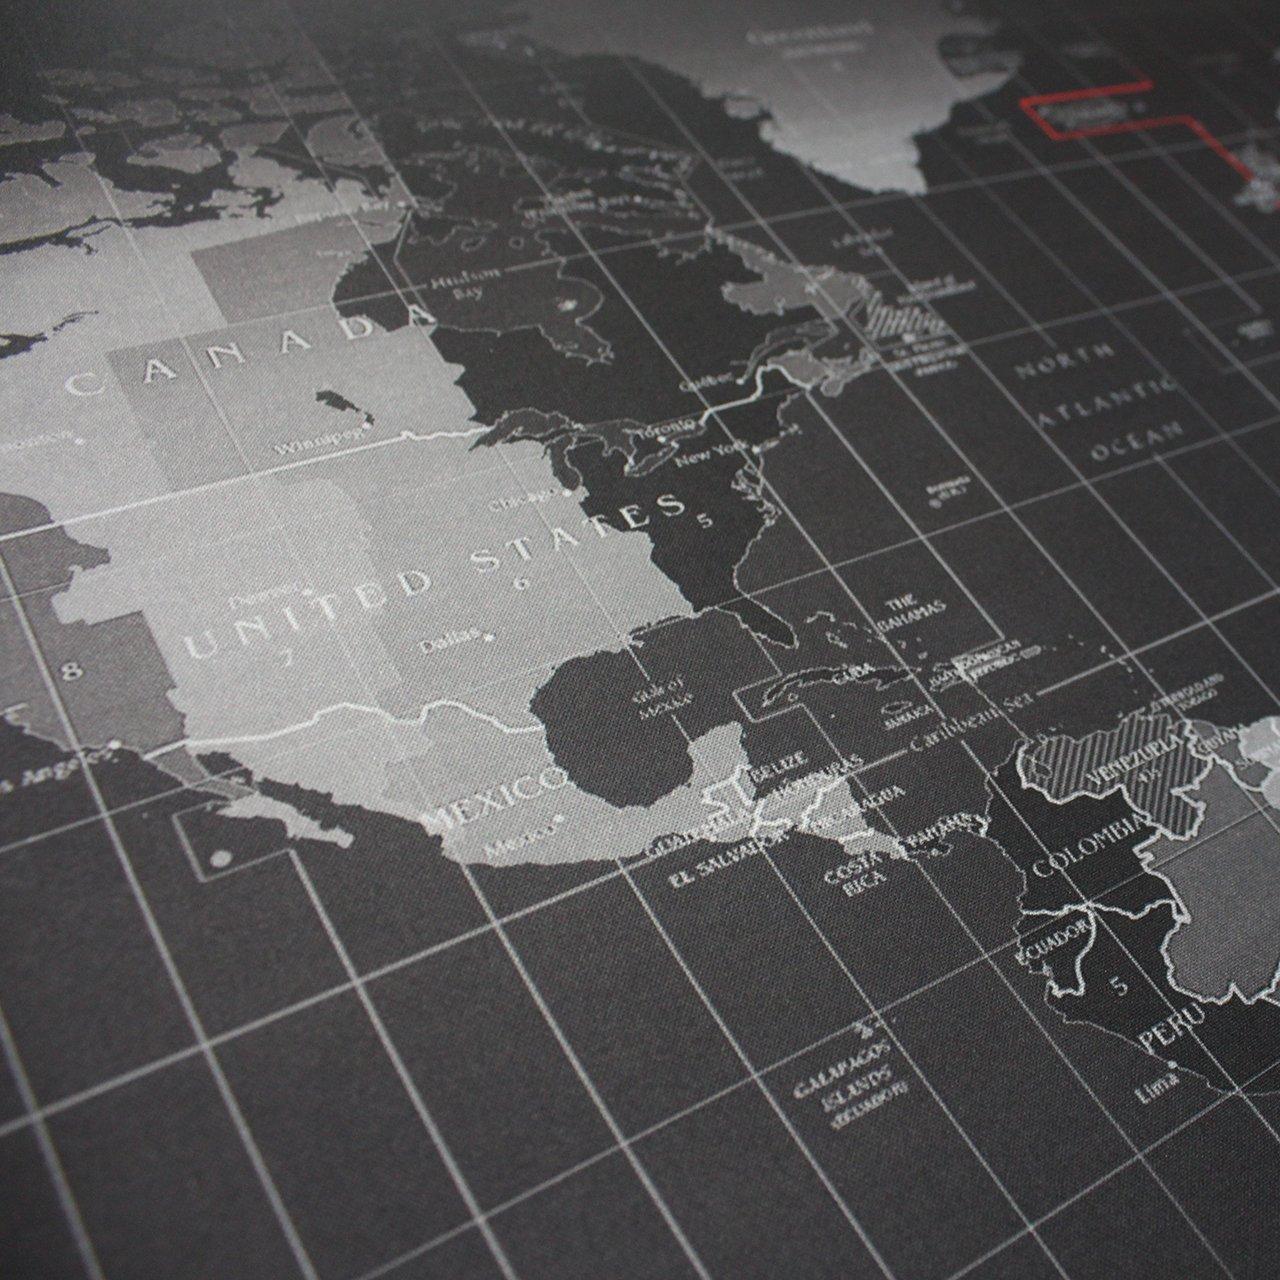 Benvo XXL Grande Ordenador Alfombrilla Raton para Oficina y Gaming (900x400mm, Fondo Antideslizante de Goma, Borde Cosido, Mapa Mundi) para Gamers, ...